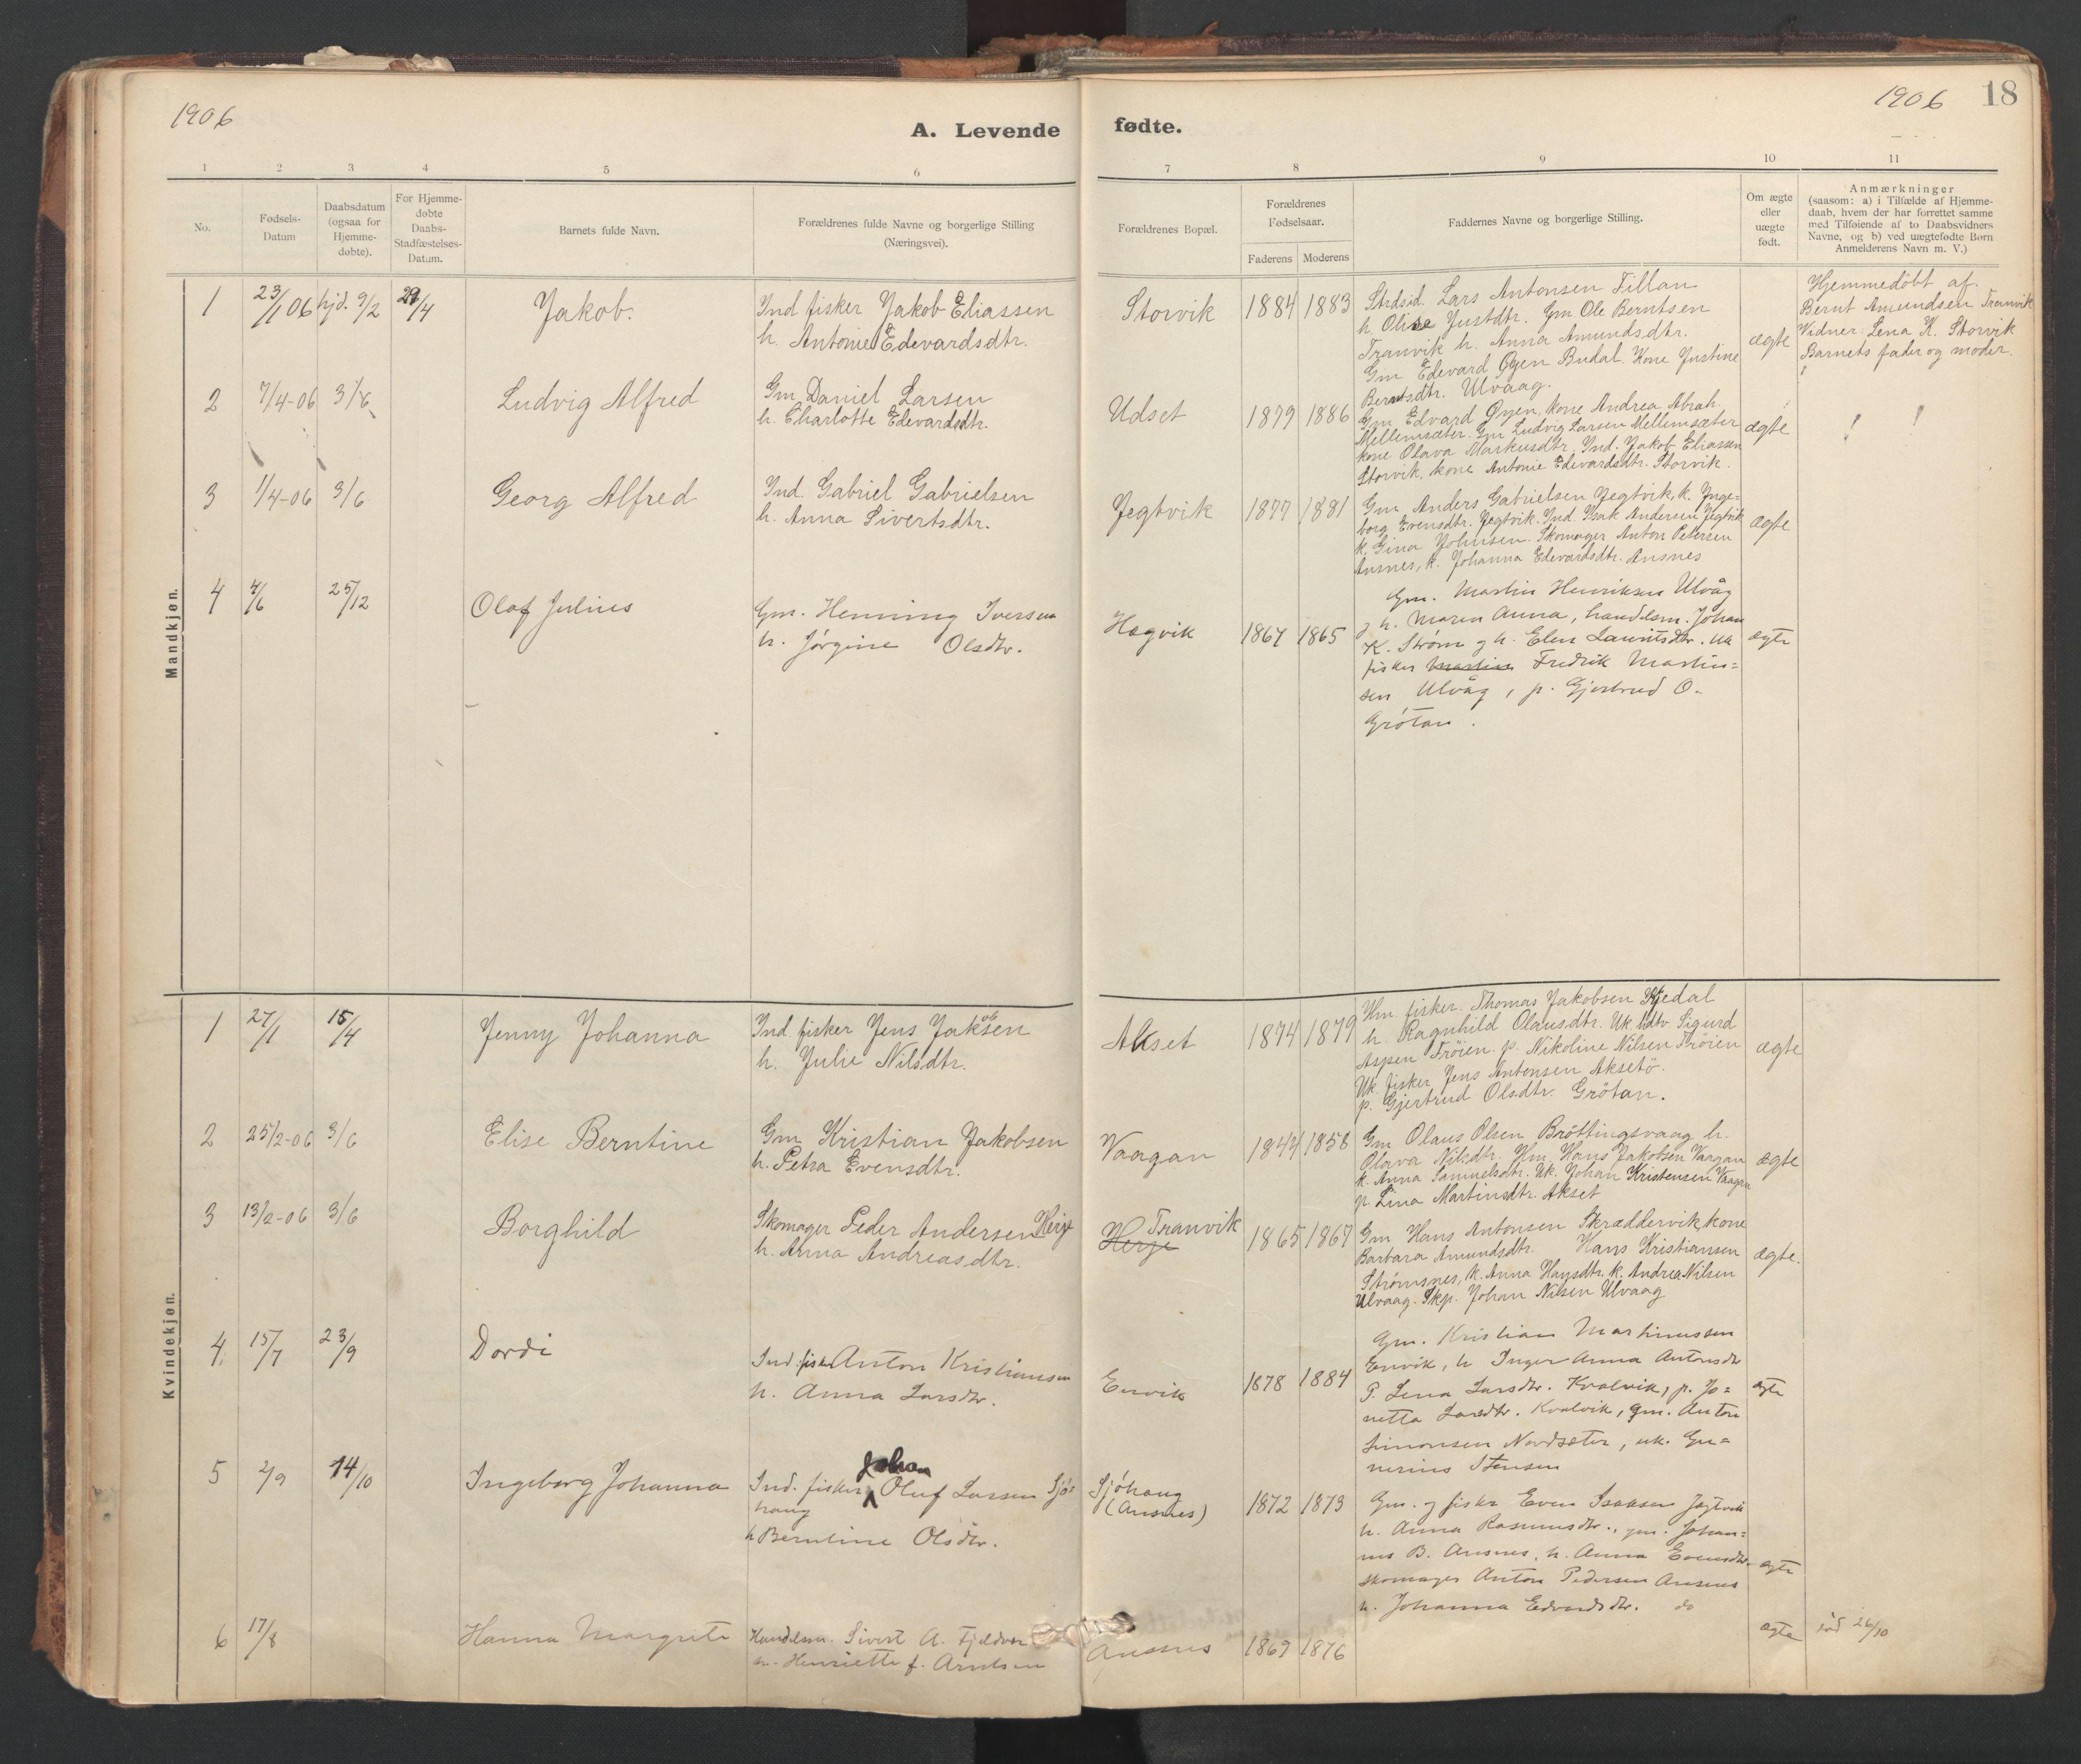 SAT, Ministerialprotokoller, klokkerbøker og fødselsregistre - Sør-Trøndelag, 637/L0559: Ministerialbok nr. 637A02, 1899-1923, s. 18